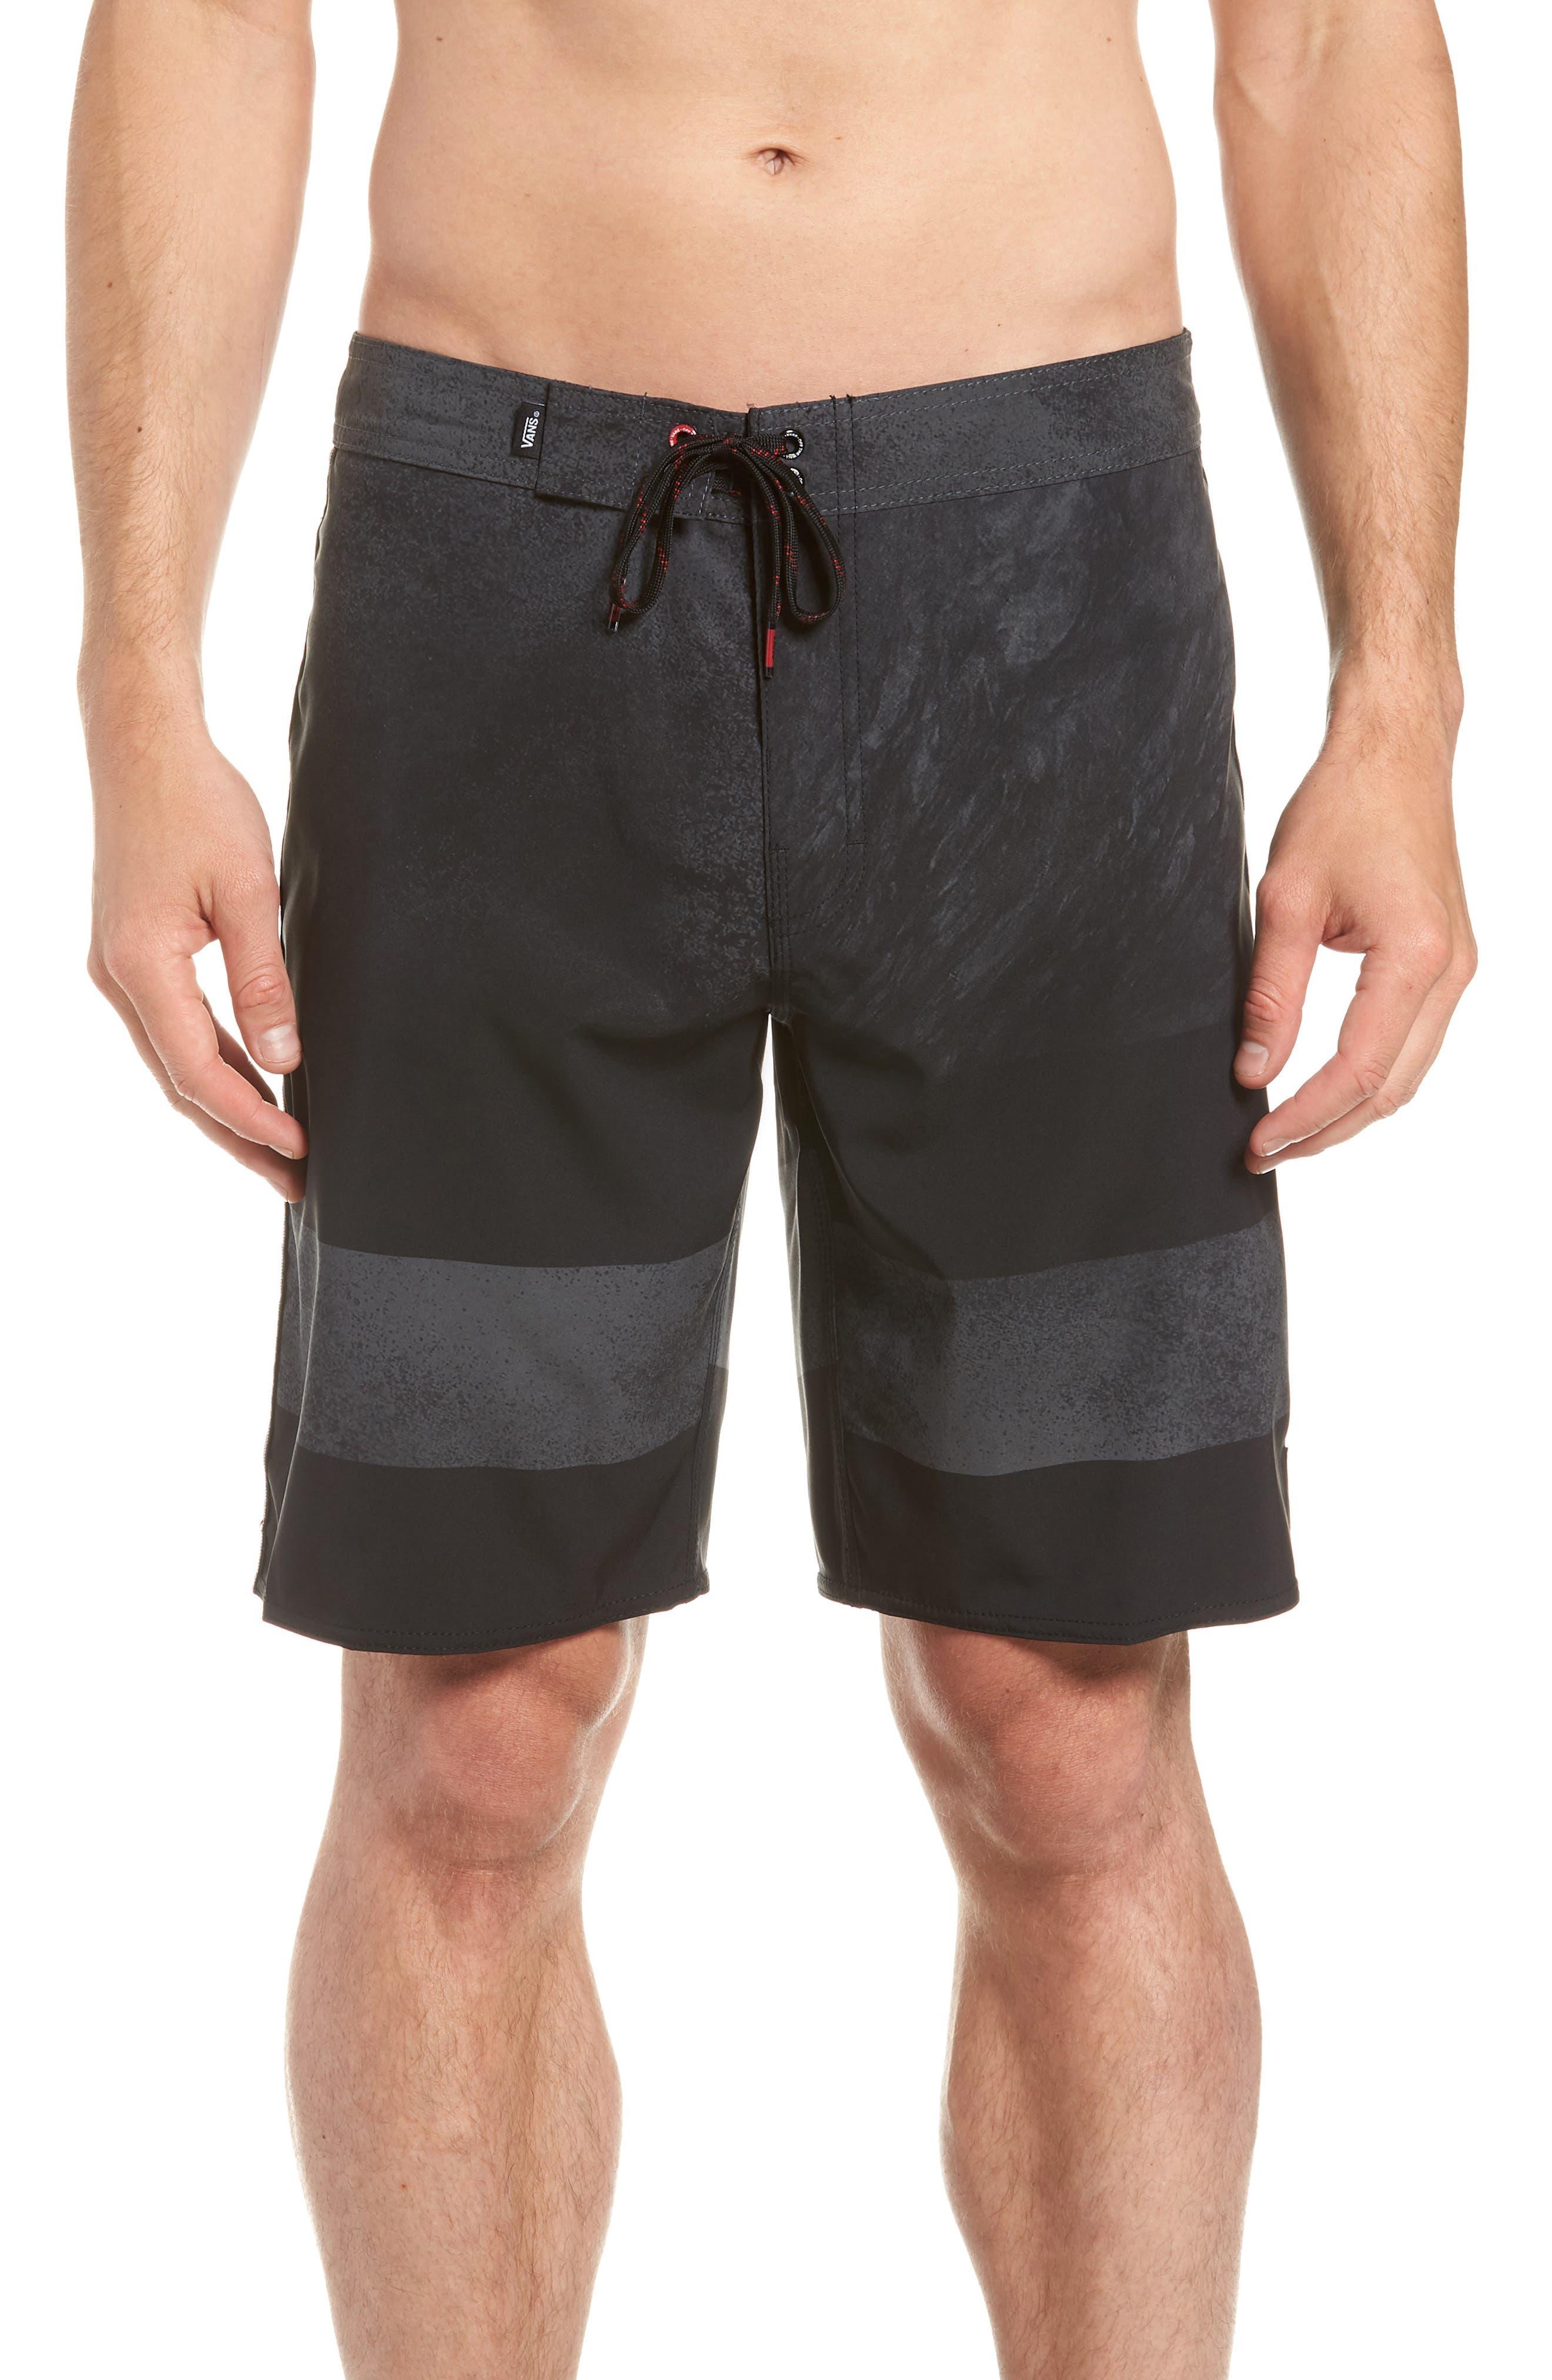 Era Board Shorts,                             Main thumbnail 1, color,                             BLACK/ NATHAN FLORENCE